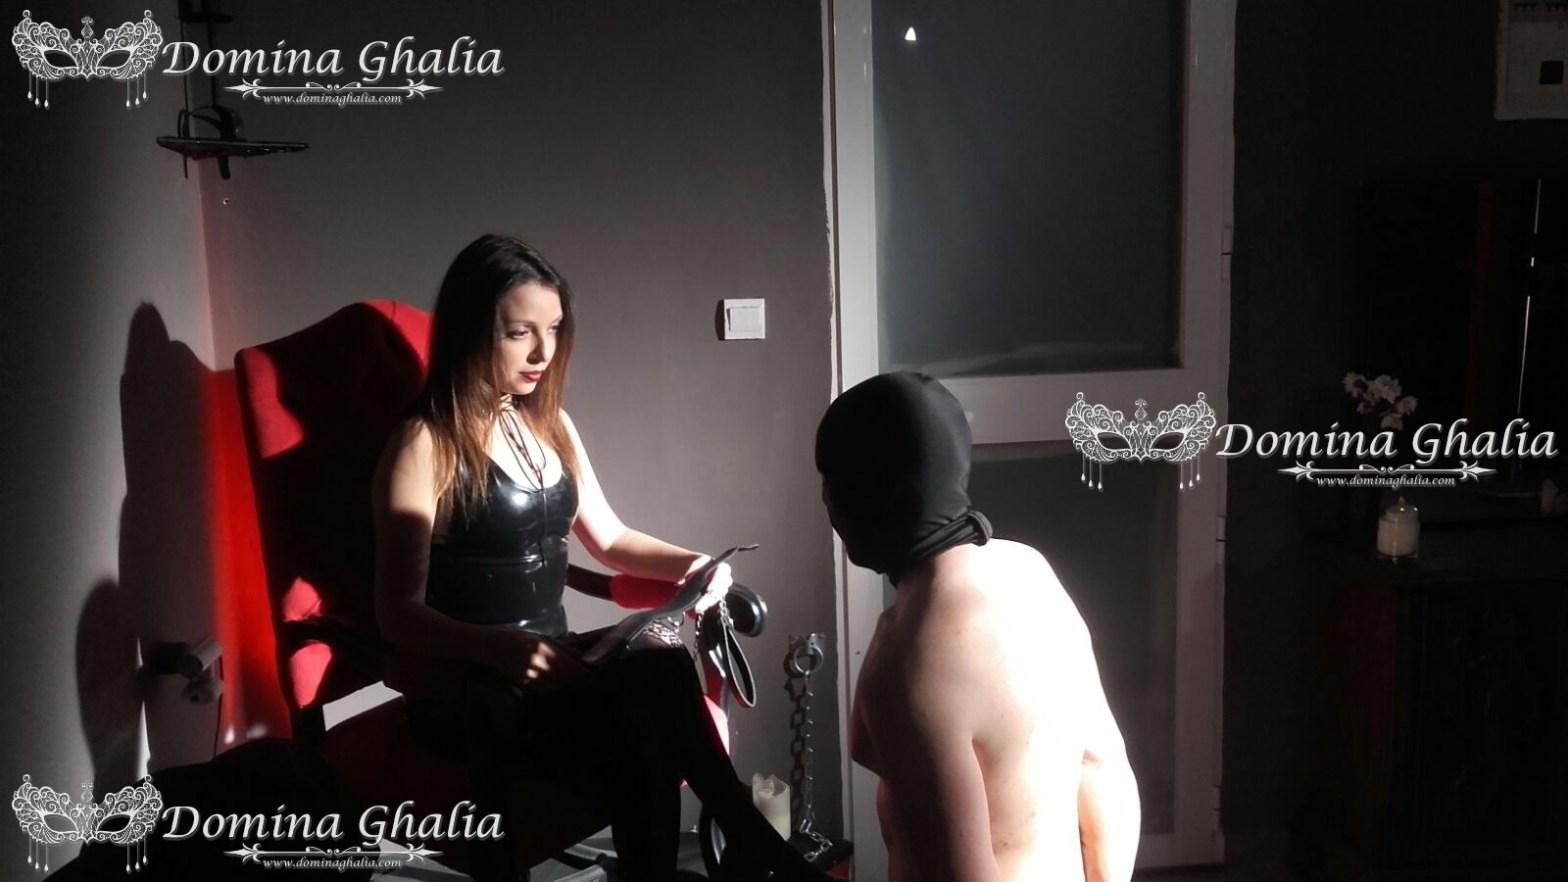 intrusismo en el BDSM